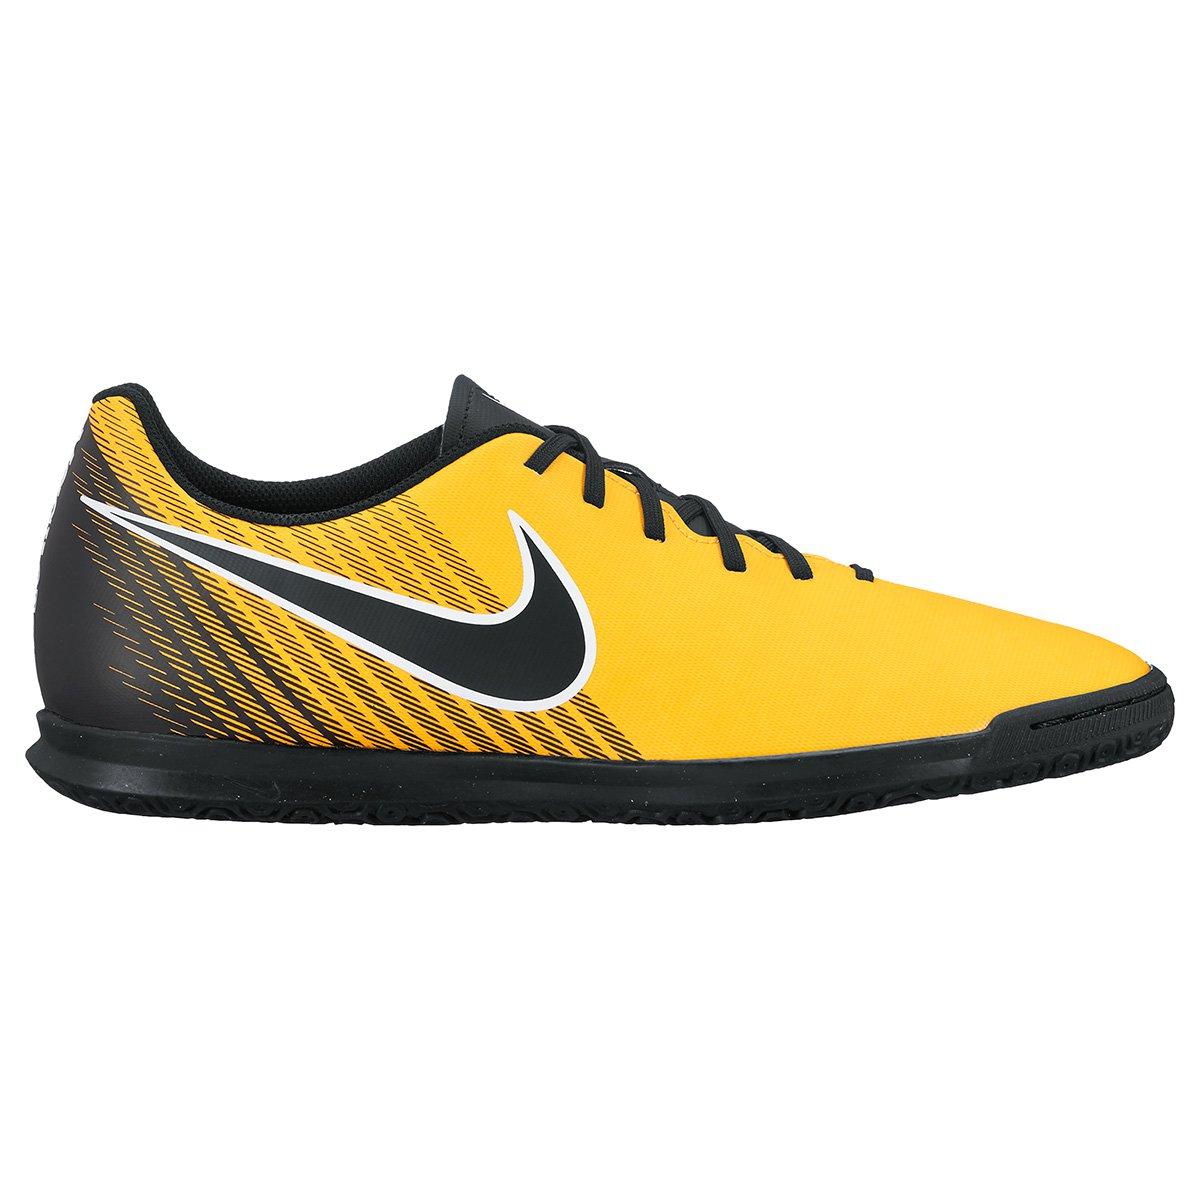 Chuteira Futsal Nike Magista Ola II IC - Compre Agora  d696a4516d072